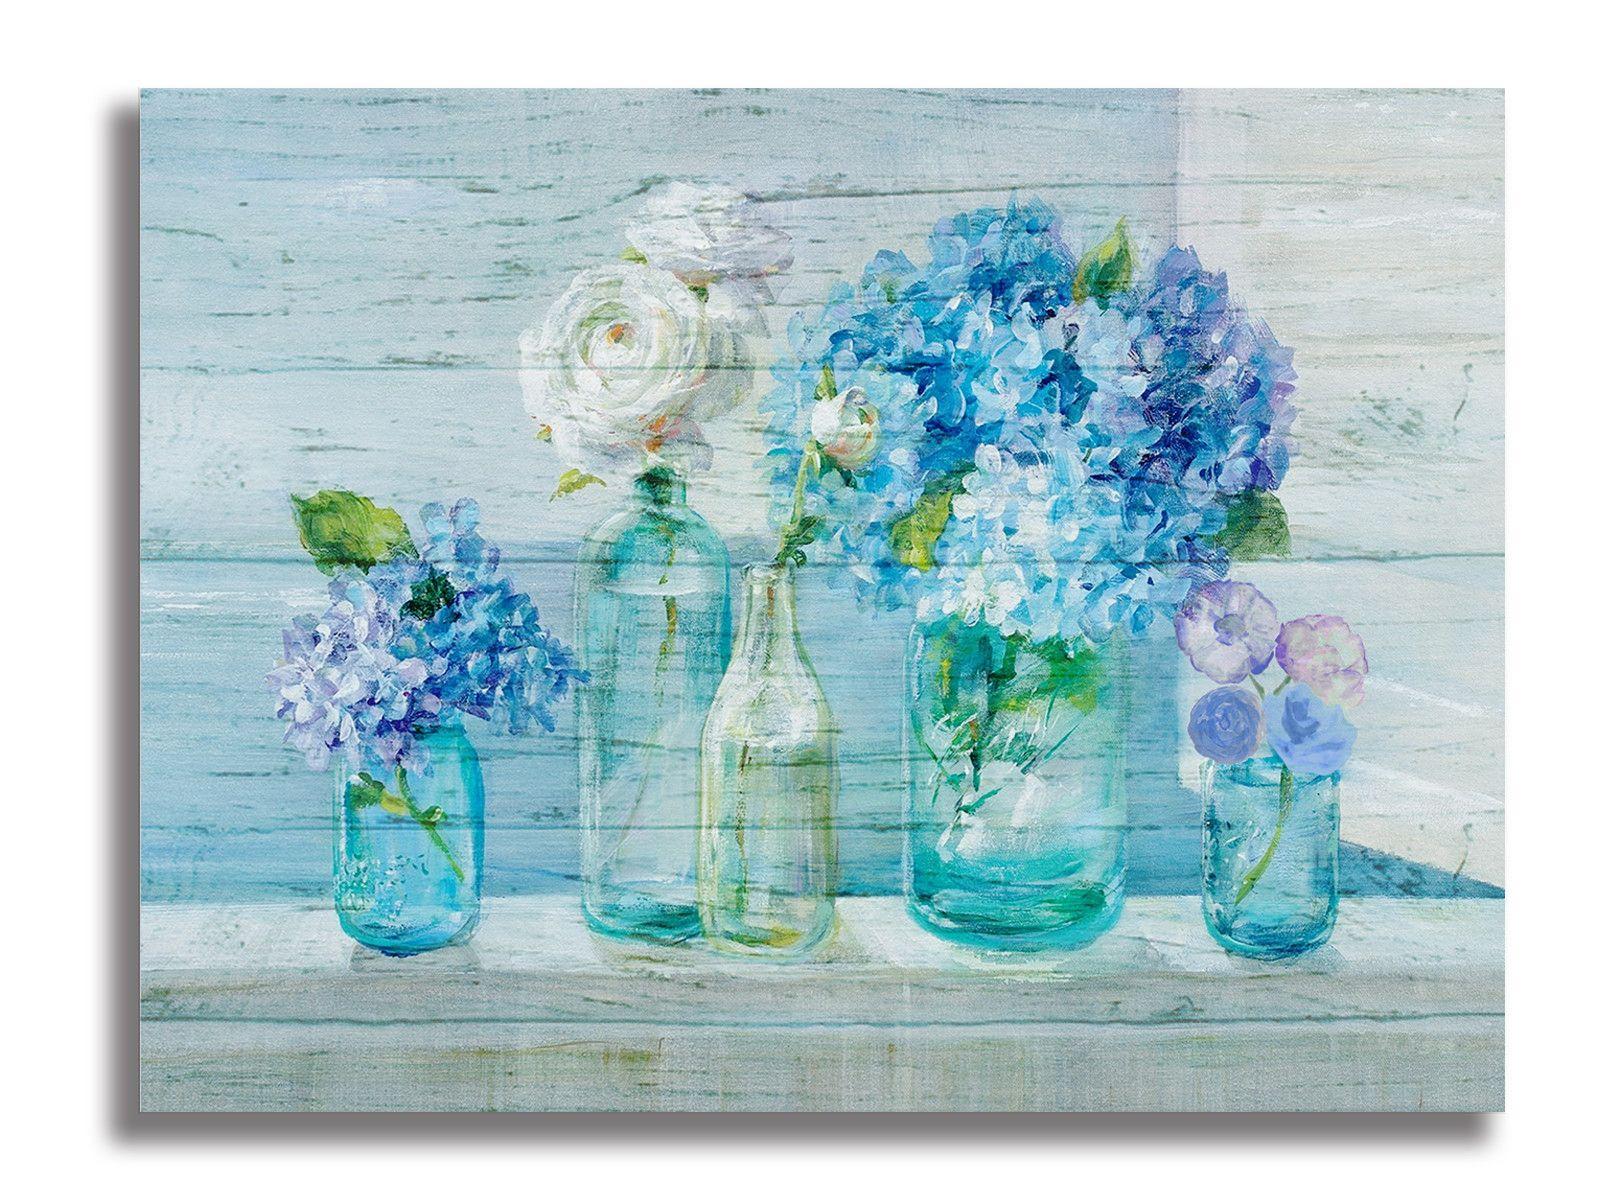 Résumé Wall Art coloré de toile de fleur impressions photo Floral Wall Salle de bain Cuisine Salle à manger Décor Chambre